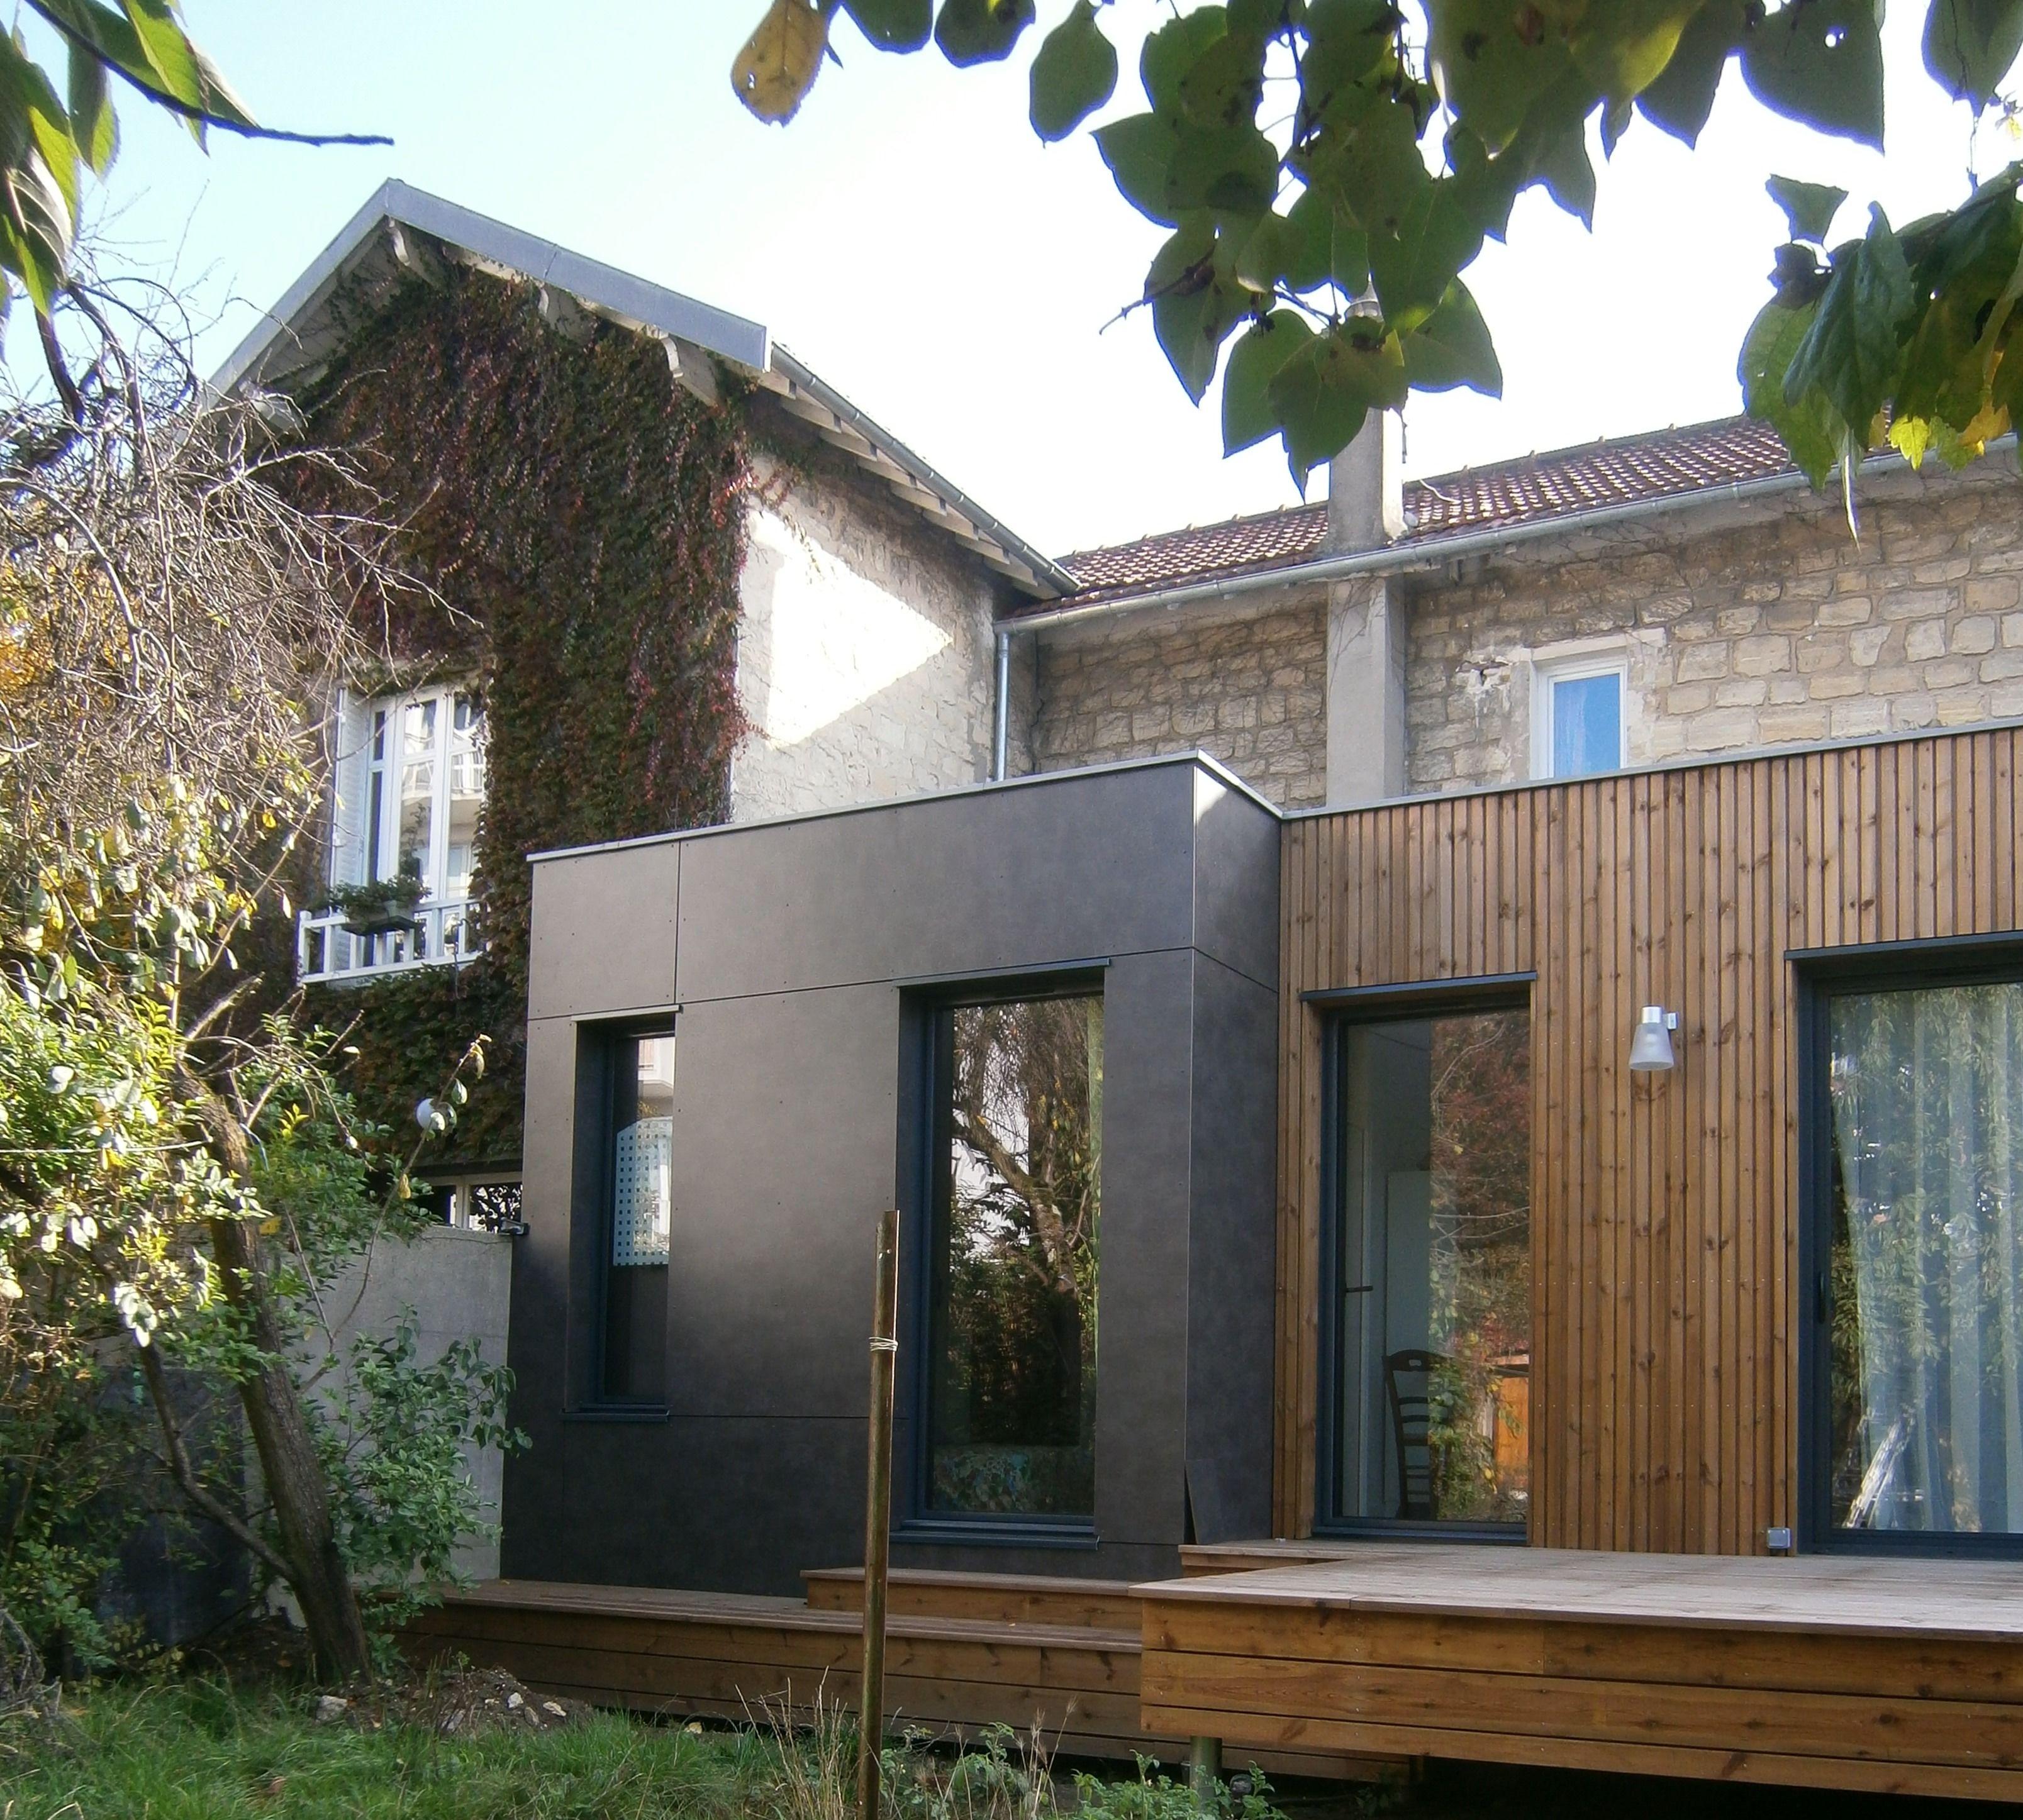 m2 et compagnie pierre labourdette architecture bois wood house extension chatou. Black Bedroom Furniture Sets. Home Design Ideas